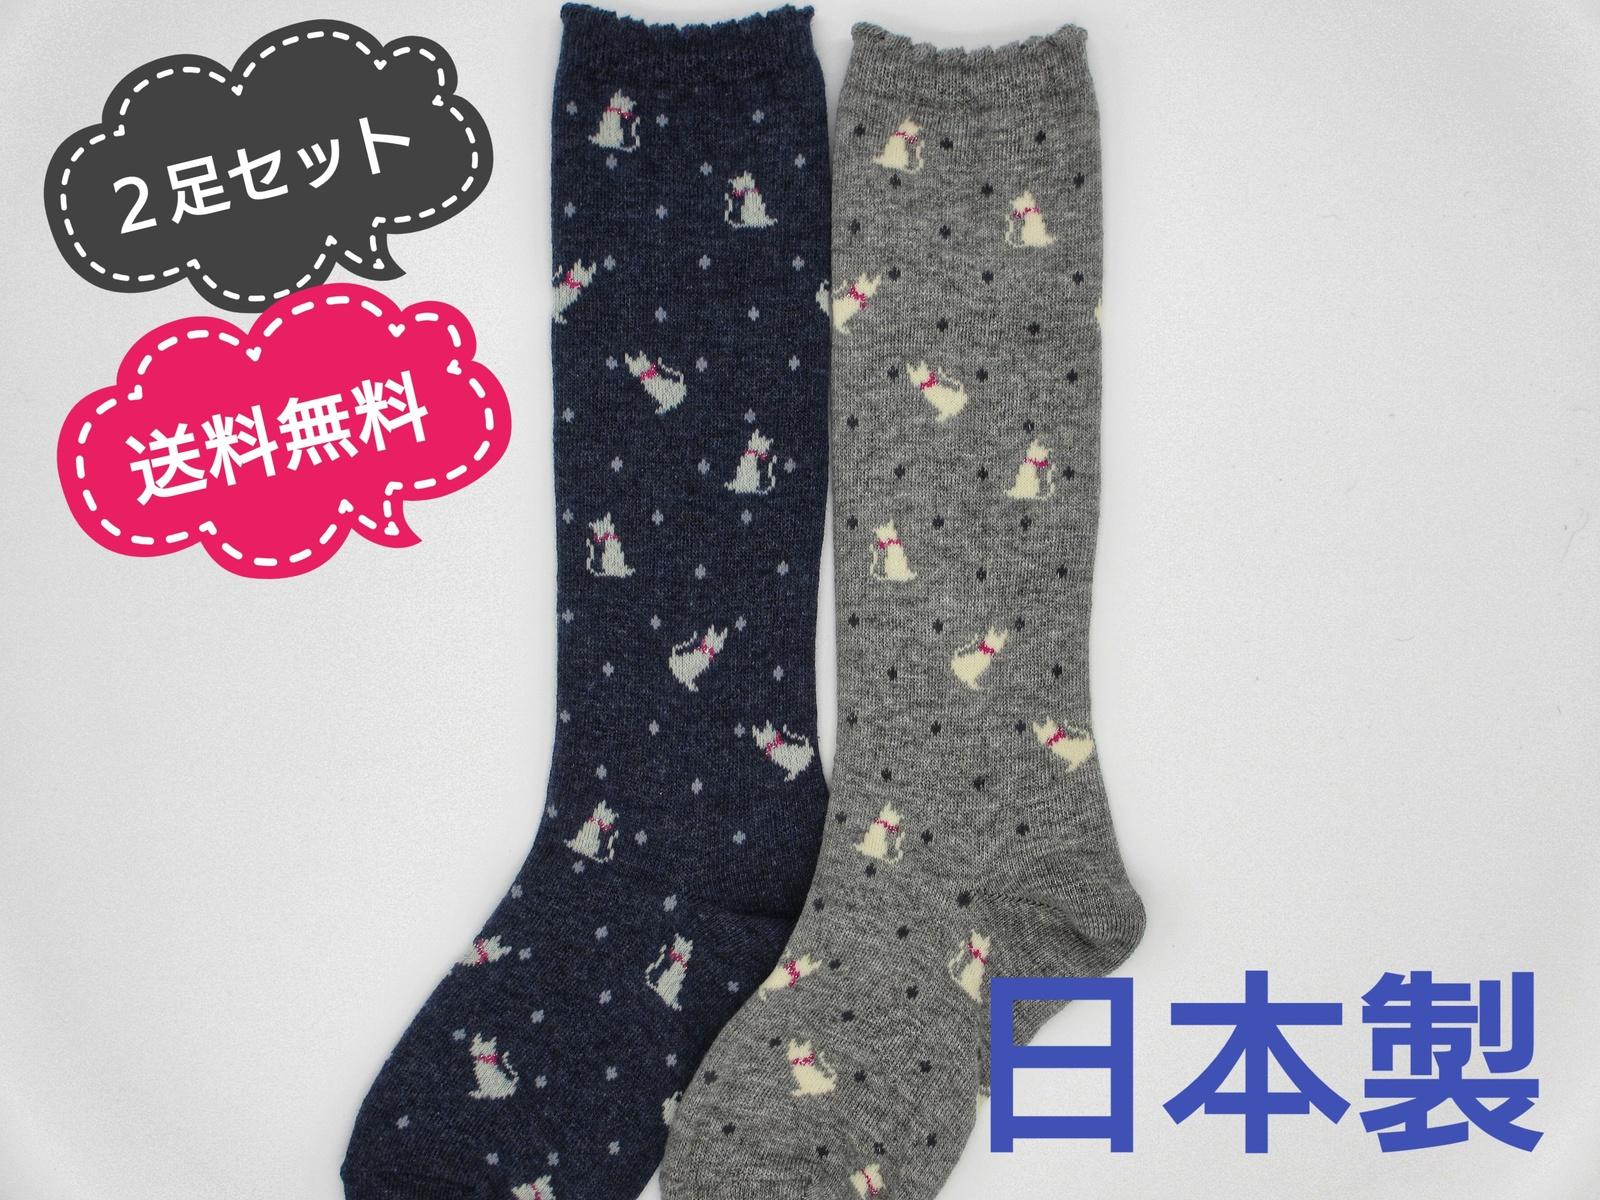 ヤマモトソックス 日本製 2足セット 送料無料 超定番 子供 靴下 キッズ 女の子 可愛い 16~18cm 数量は多 猫柄ラメ入りハイソックス16~18cm 子供用靴下 かわいい 猫柄ラメ入りハイソックス 19~22cm